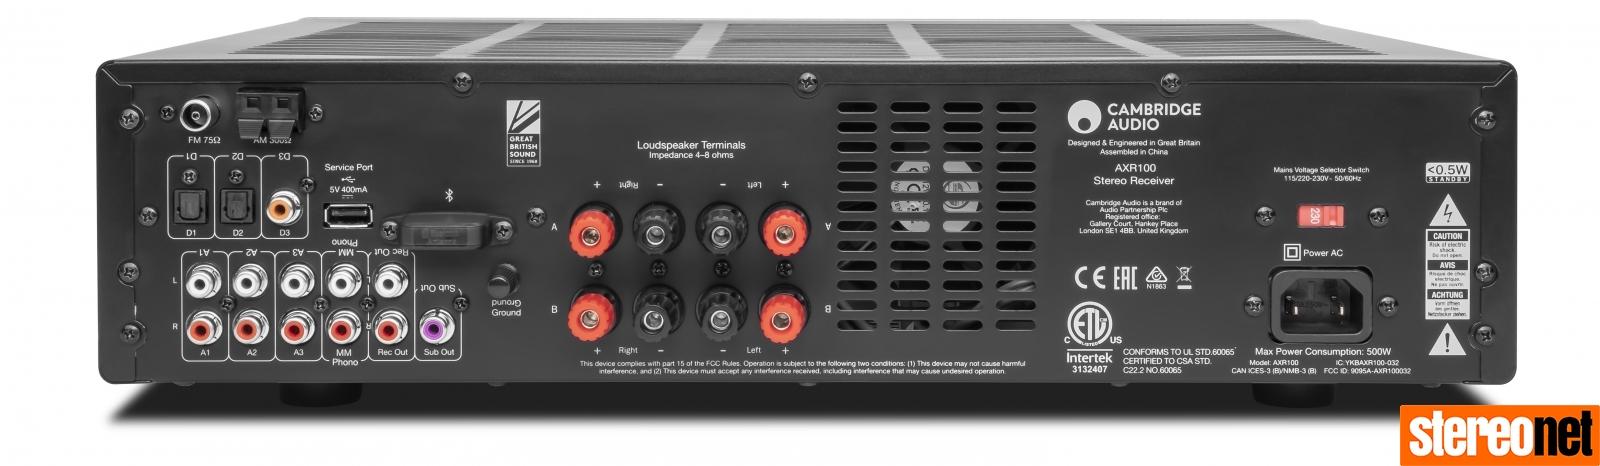 Cambridge Audio AXR100D